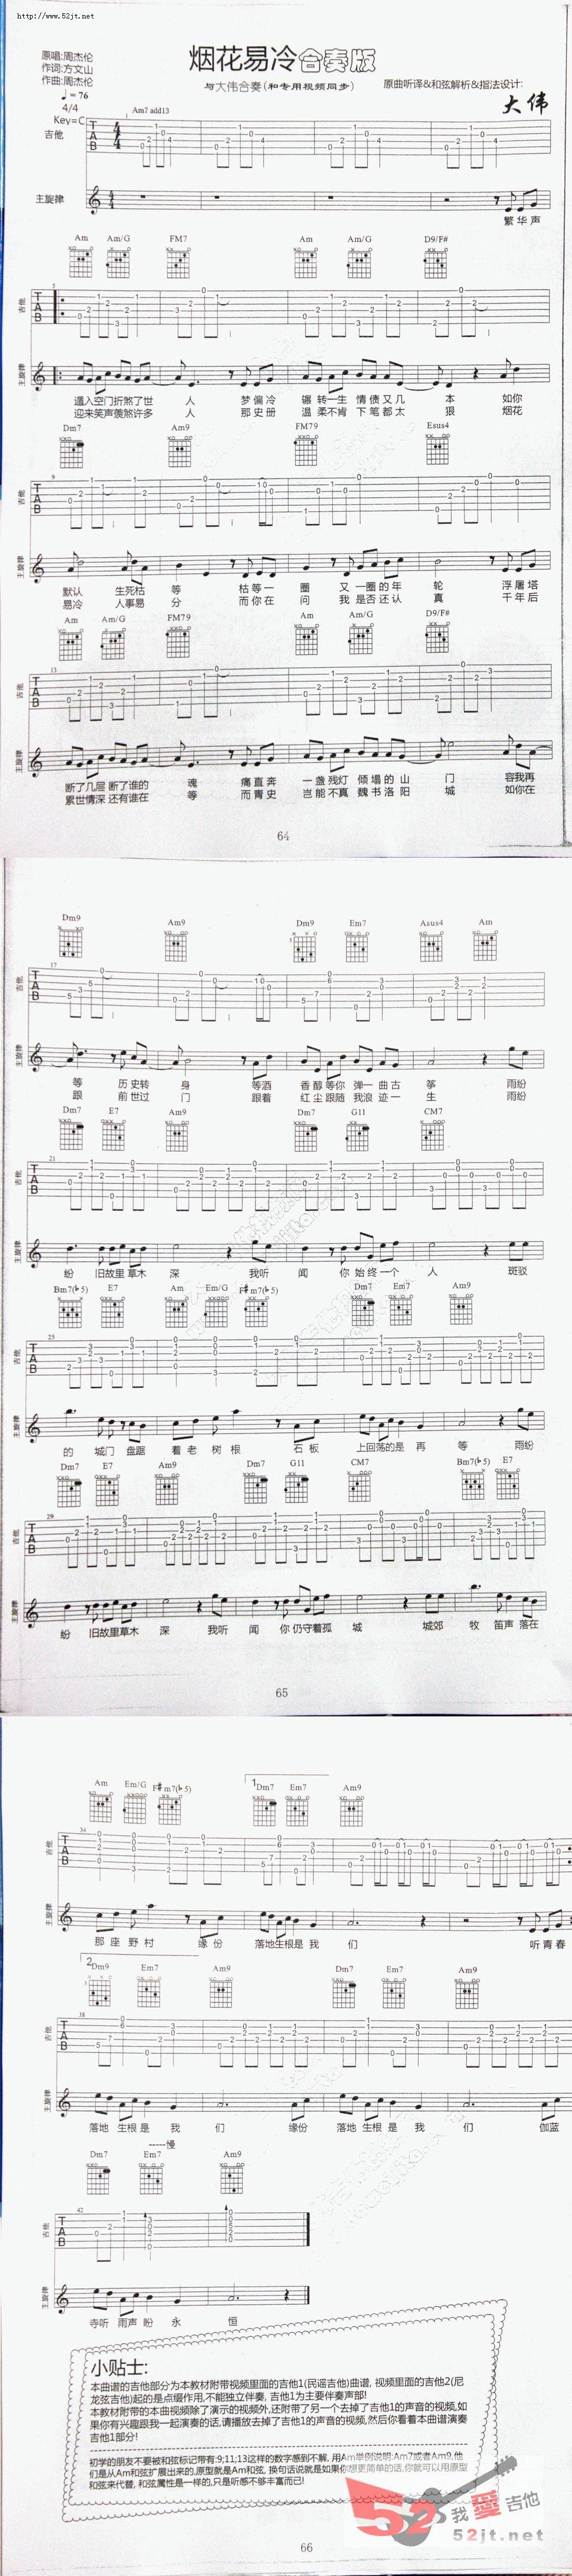 《烟花易冷 原版教学吉他谱视频》吉他谱 周杰伦 - _.图片